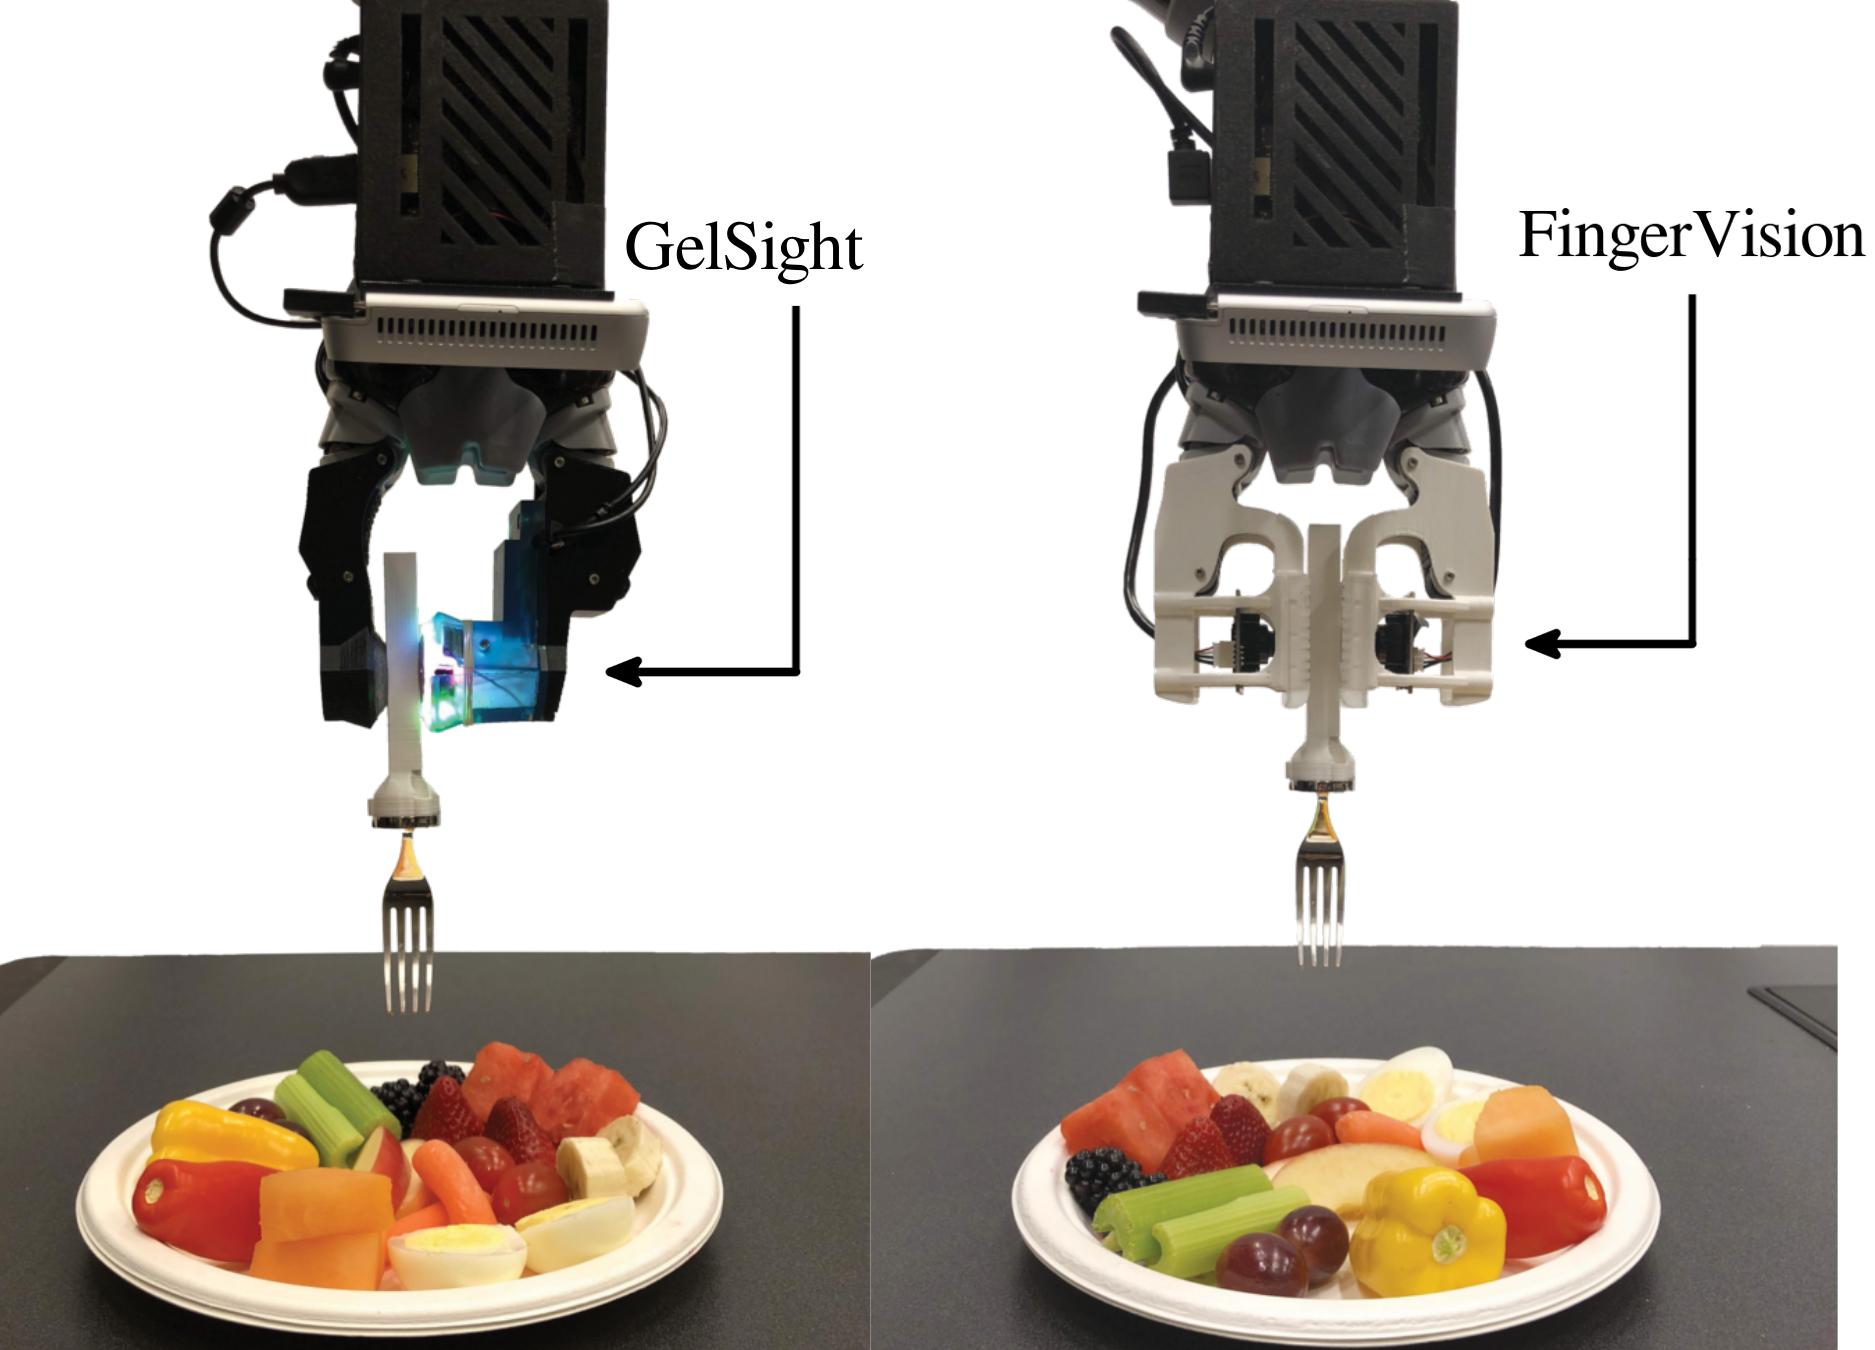 GelSight (left) and FingerVision (right) sensors on Kinova 2-finger gripper holding a non-instrumented fork